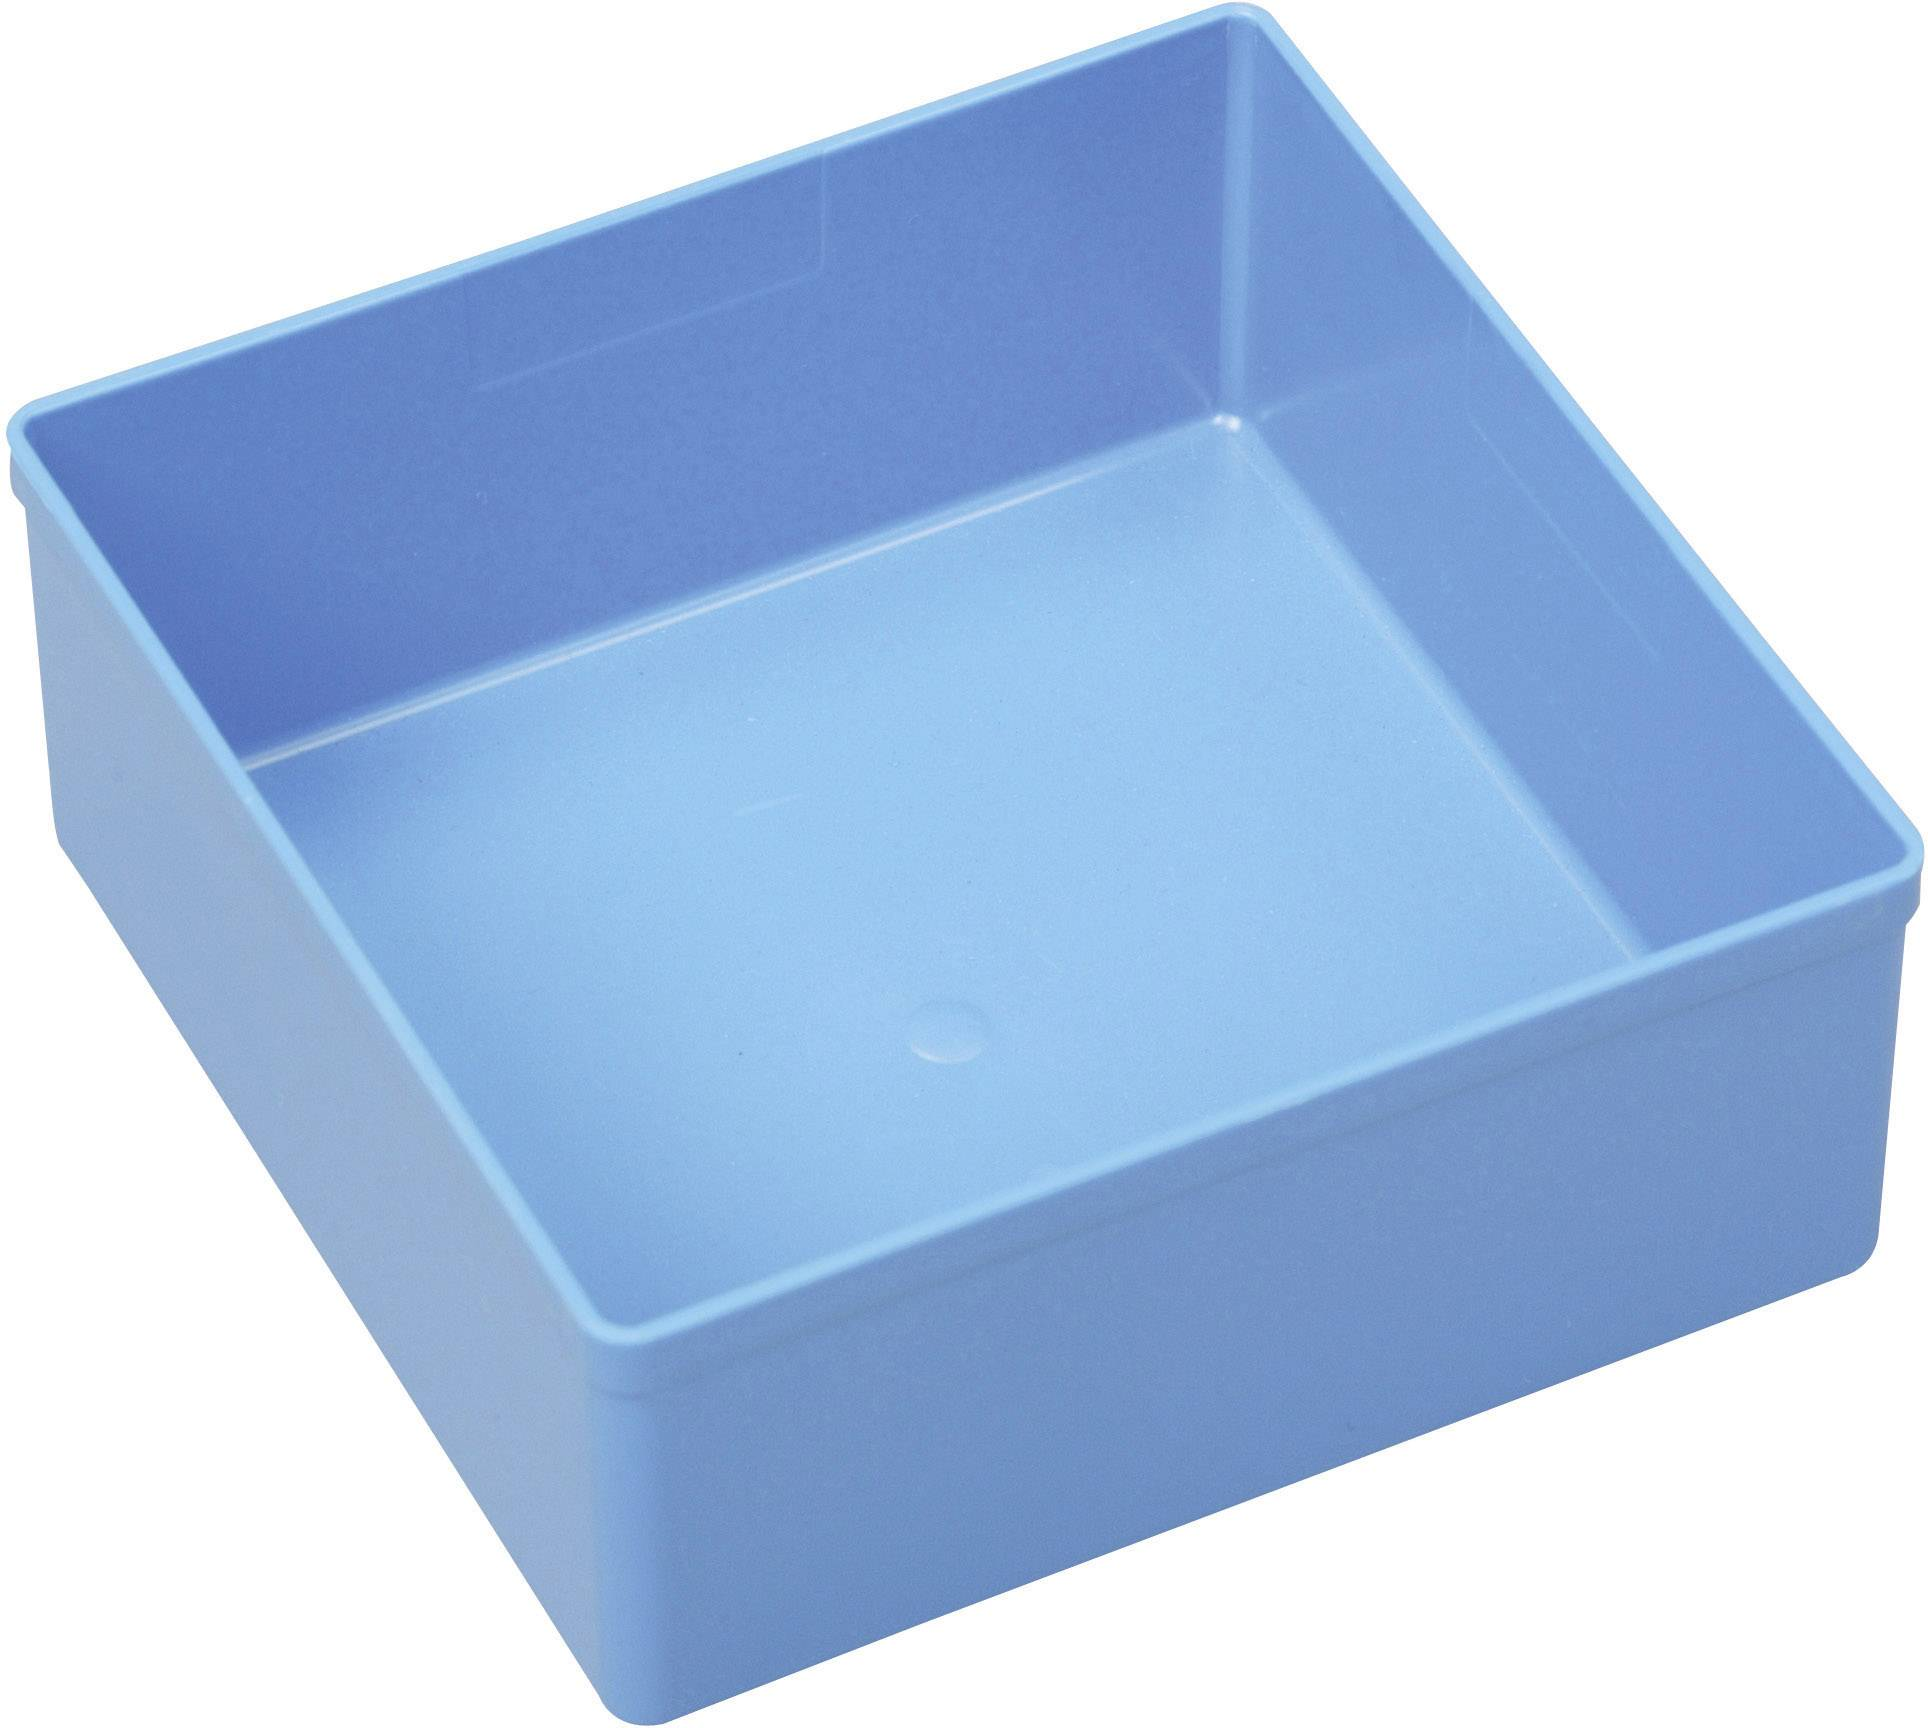 Vložka do kufříku na součástky Allit, 456302, 108 x 108 x 45 , modrá